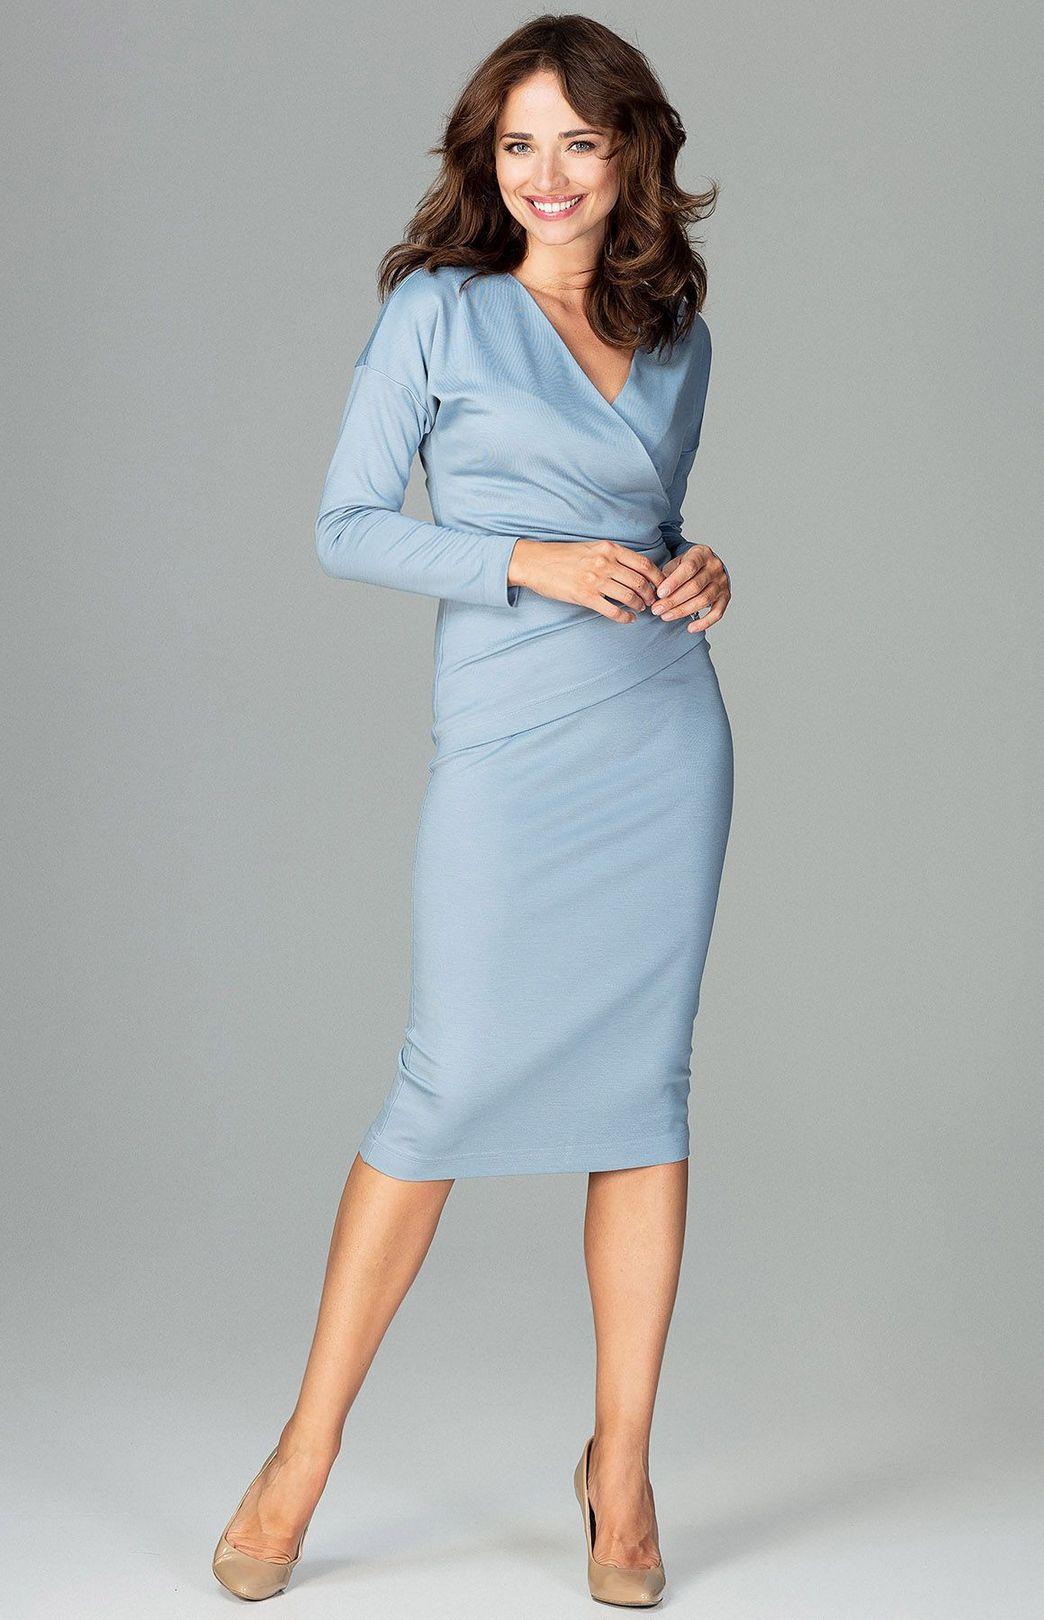 a802ce43829 Robe droite drapée bleu clair FLK477BC   idresstocode  boutique de ...